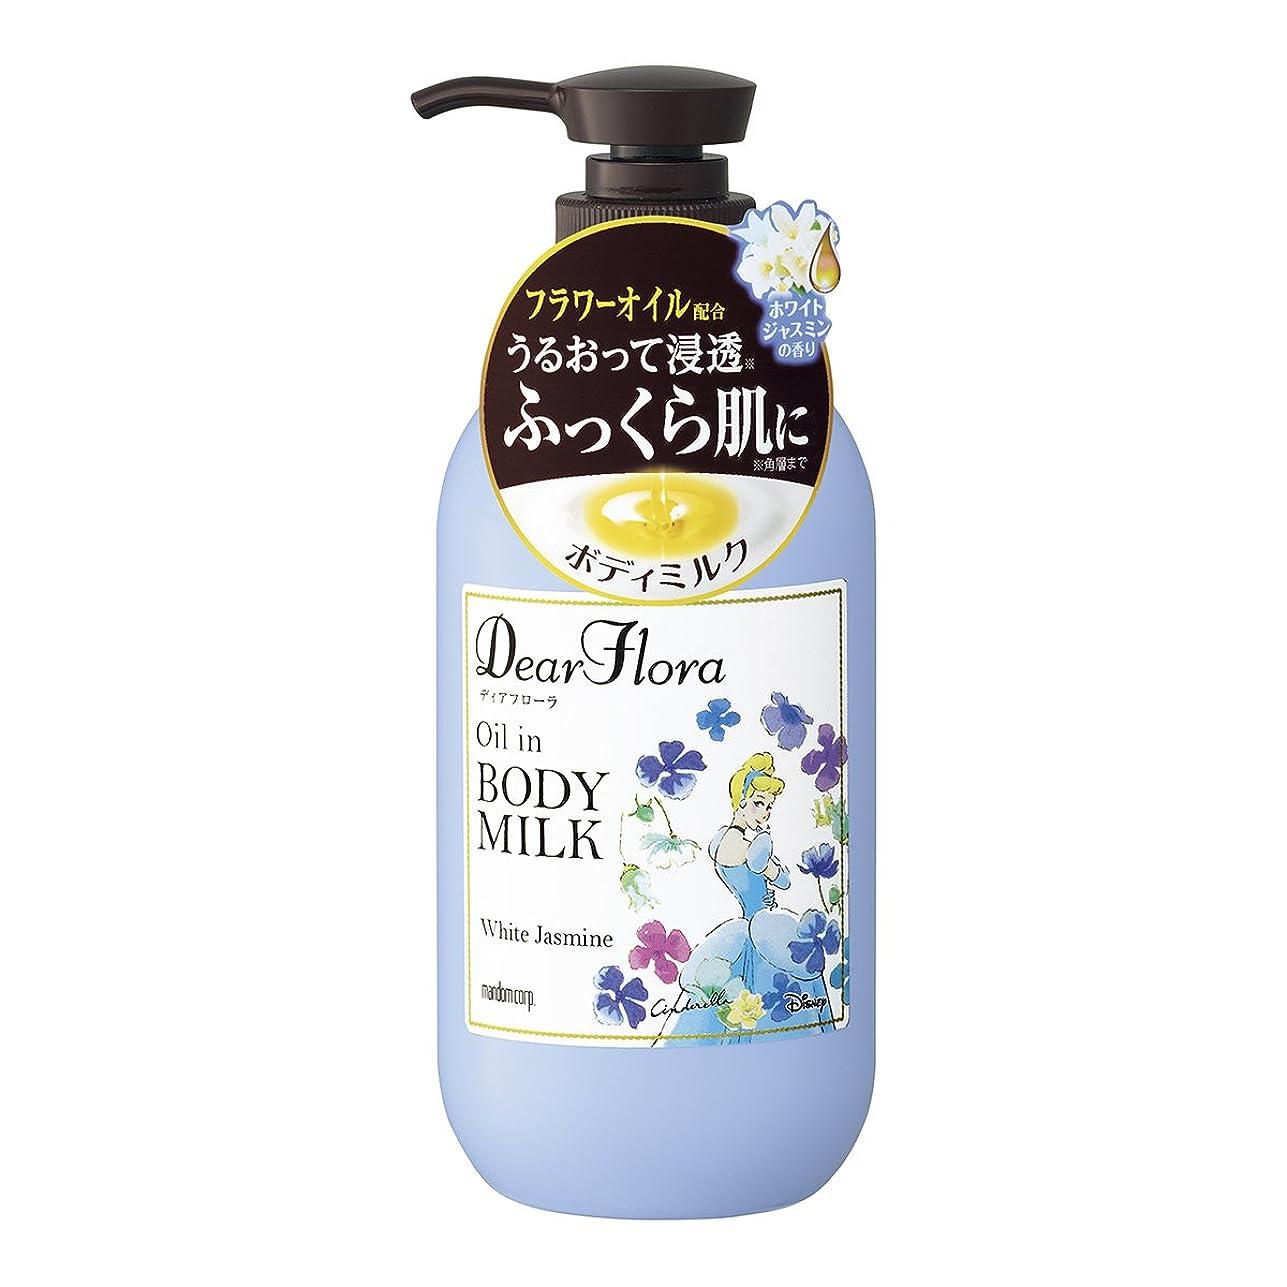 ドック申し立てられたウガンダマンダム ディアフローラ オイルイン ボディミルク ホワイトジャスミン 240ml